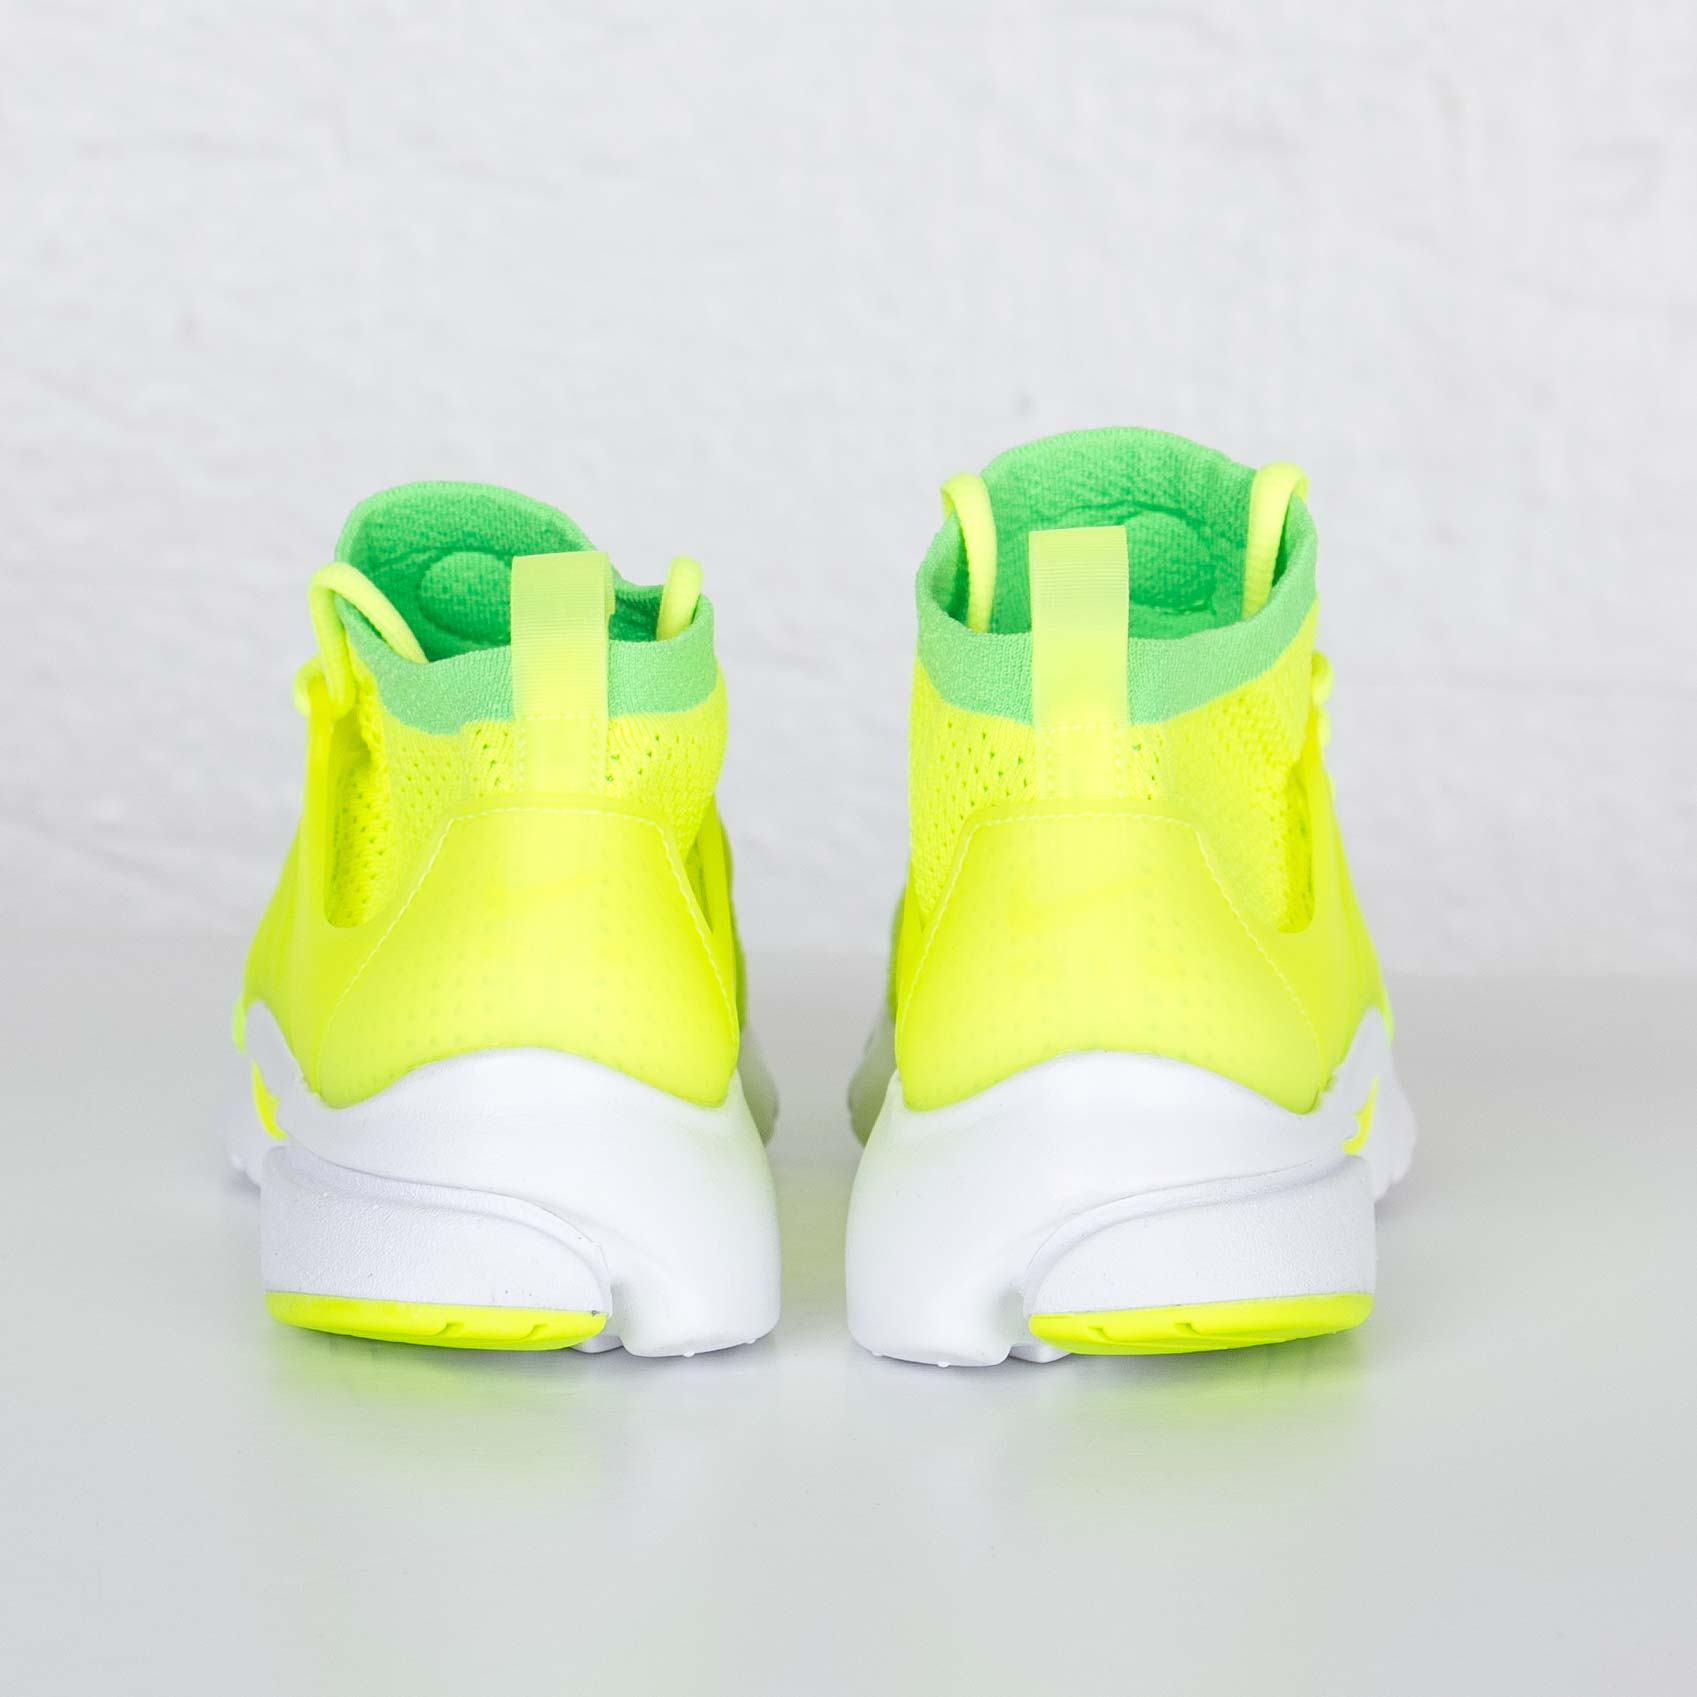 pretty nice fbdb9 59d1e Nike Wmns Air Presto Flyknit Ultra - 835738-300 - Sneakersnstuff   sneakers    streetwear online since 1999